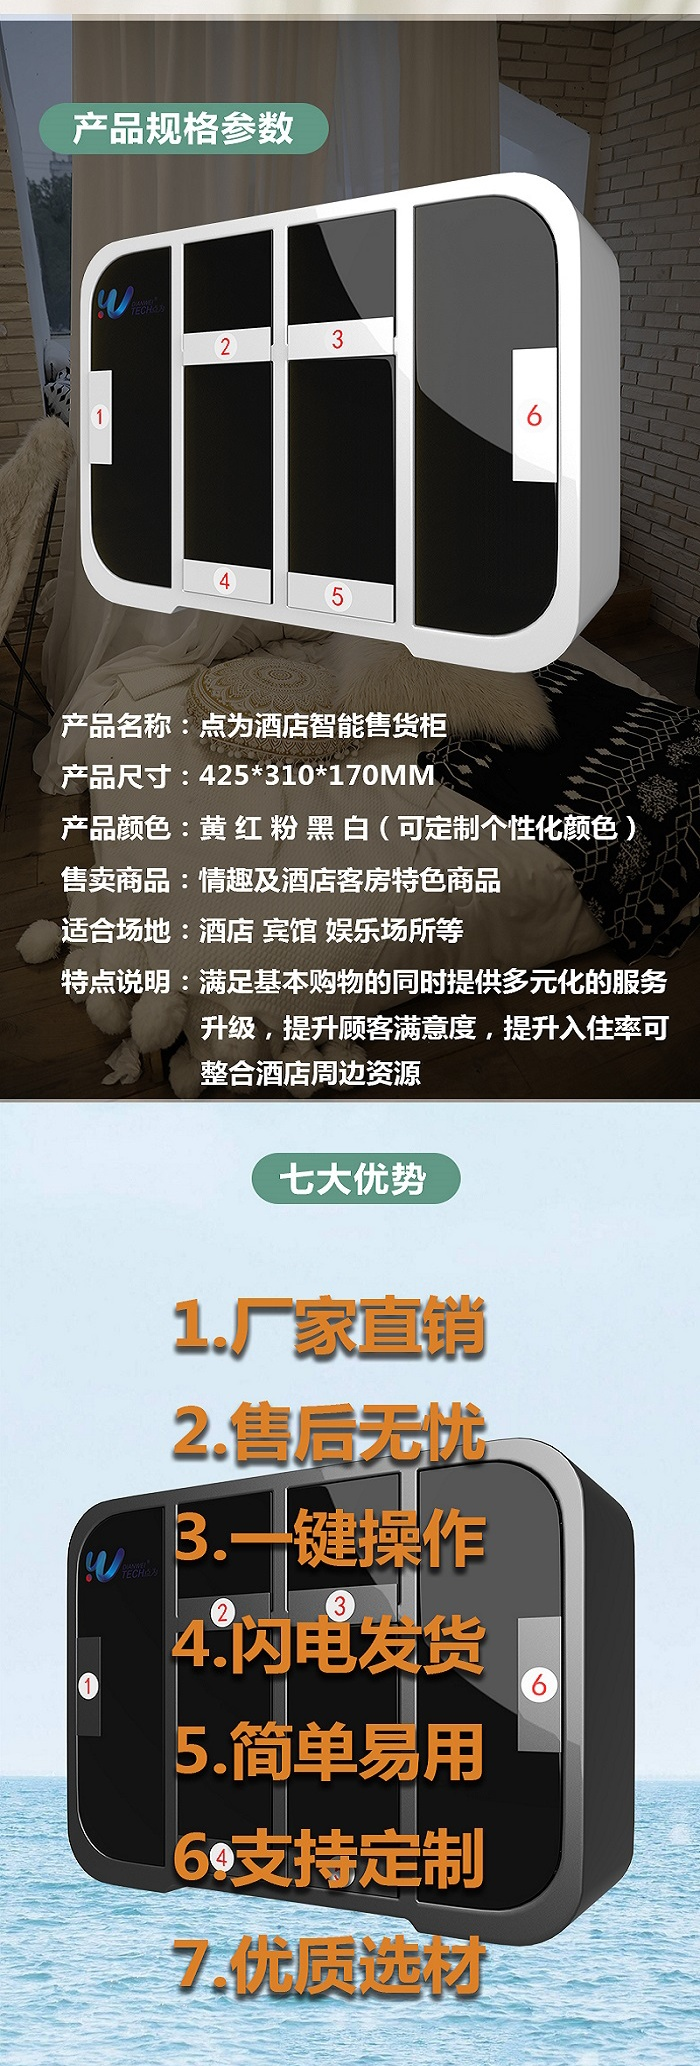 智购一下酒店无人售货机2 (1).jpg